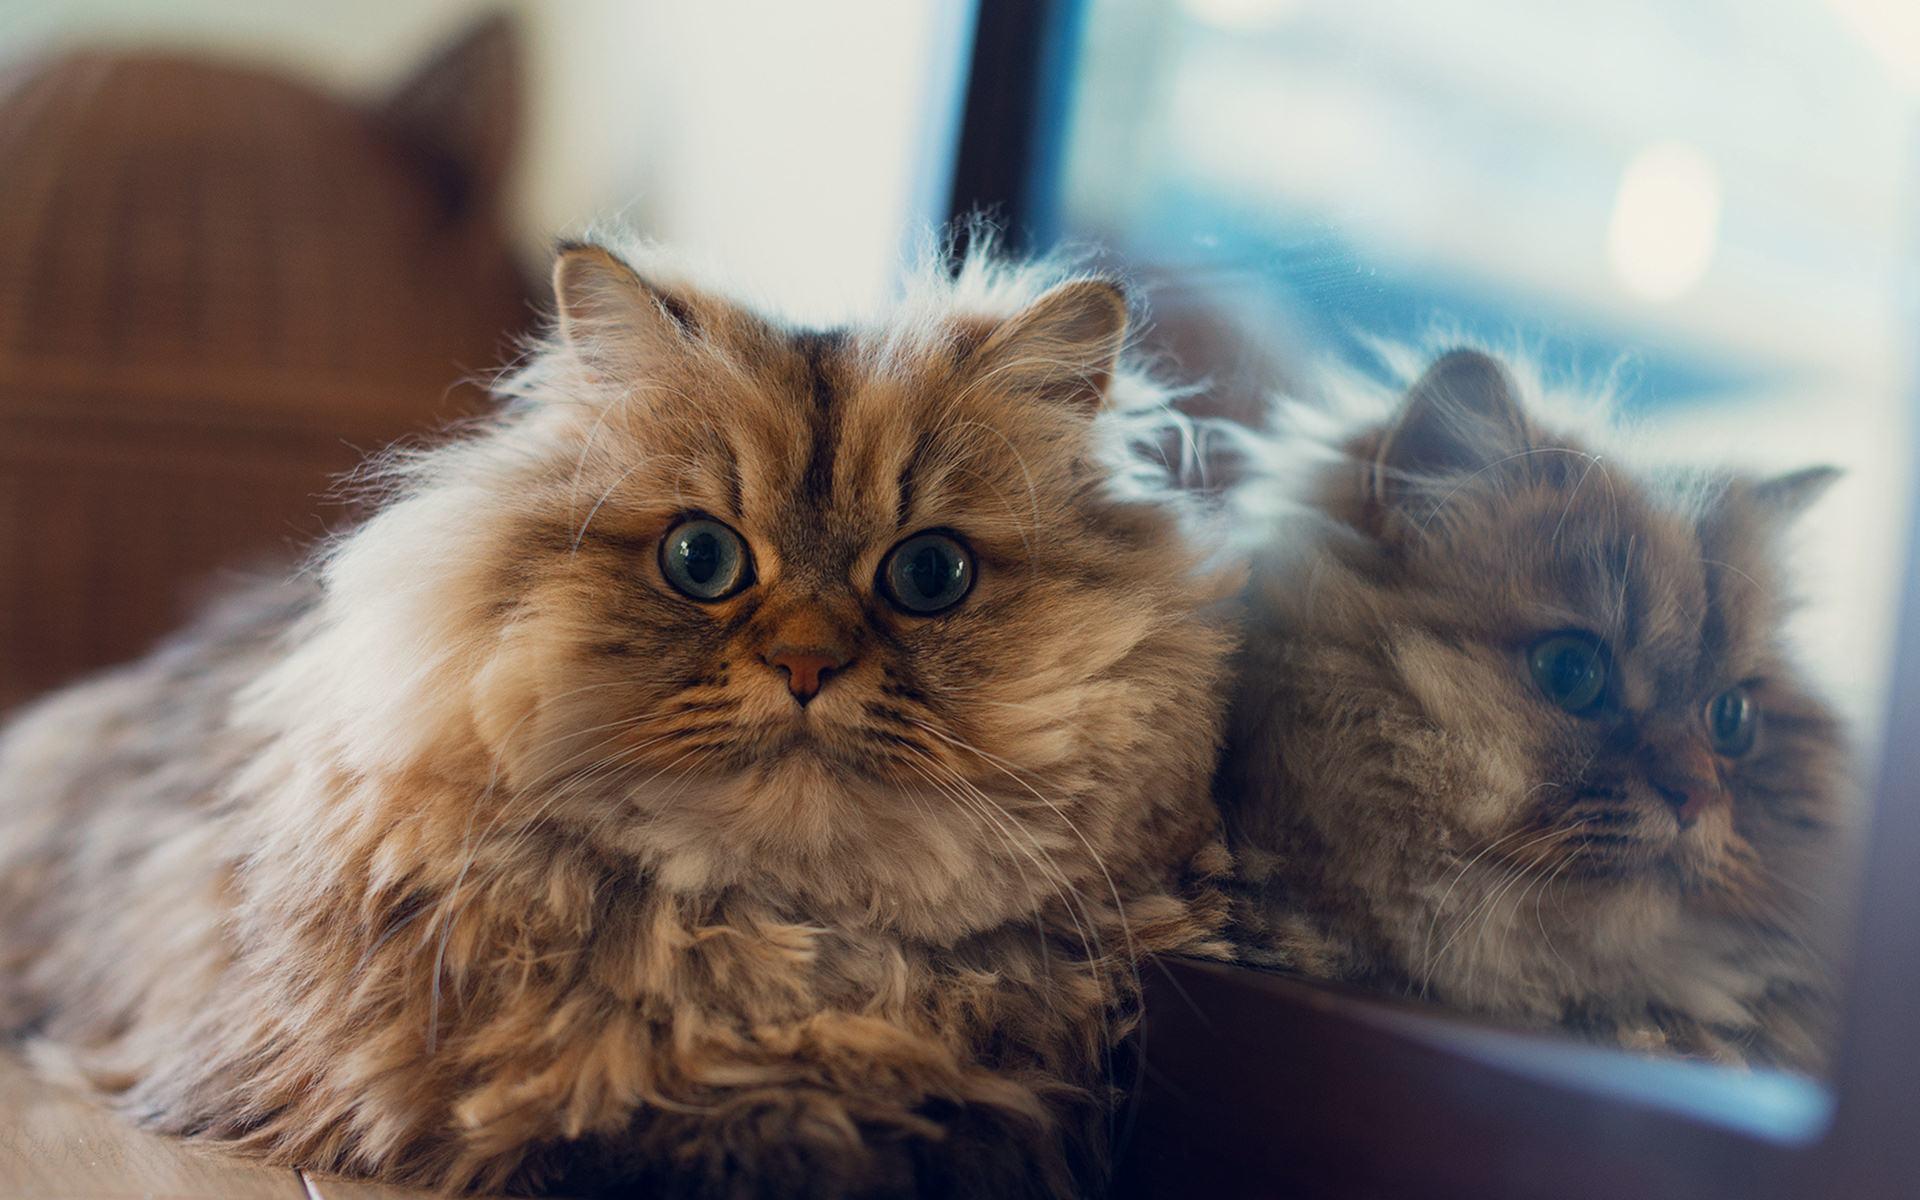 خطرات نگهداری از حیوانات خانگی (۳)